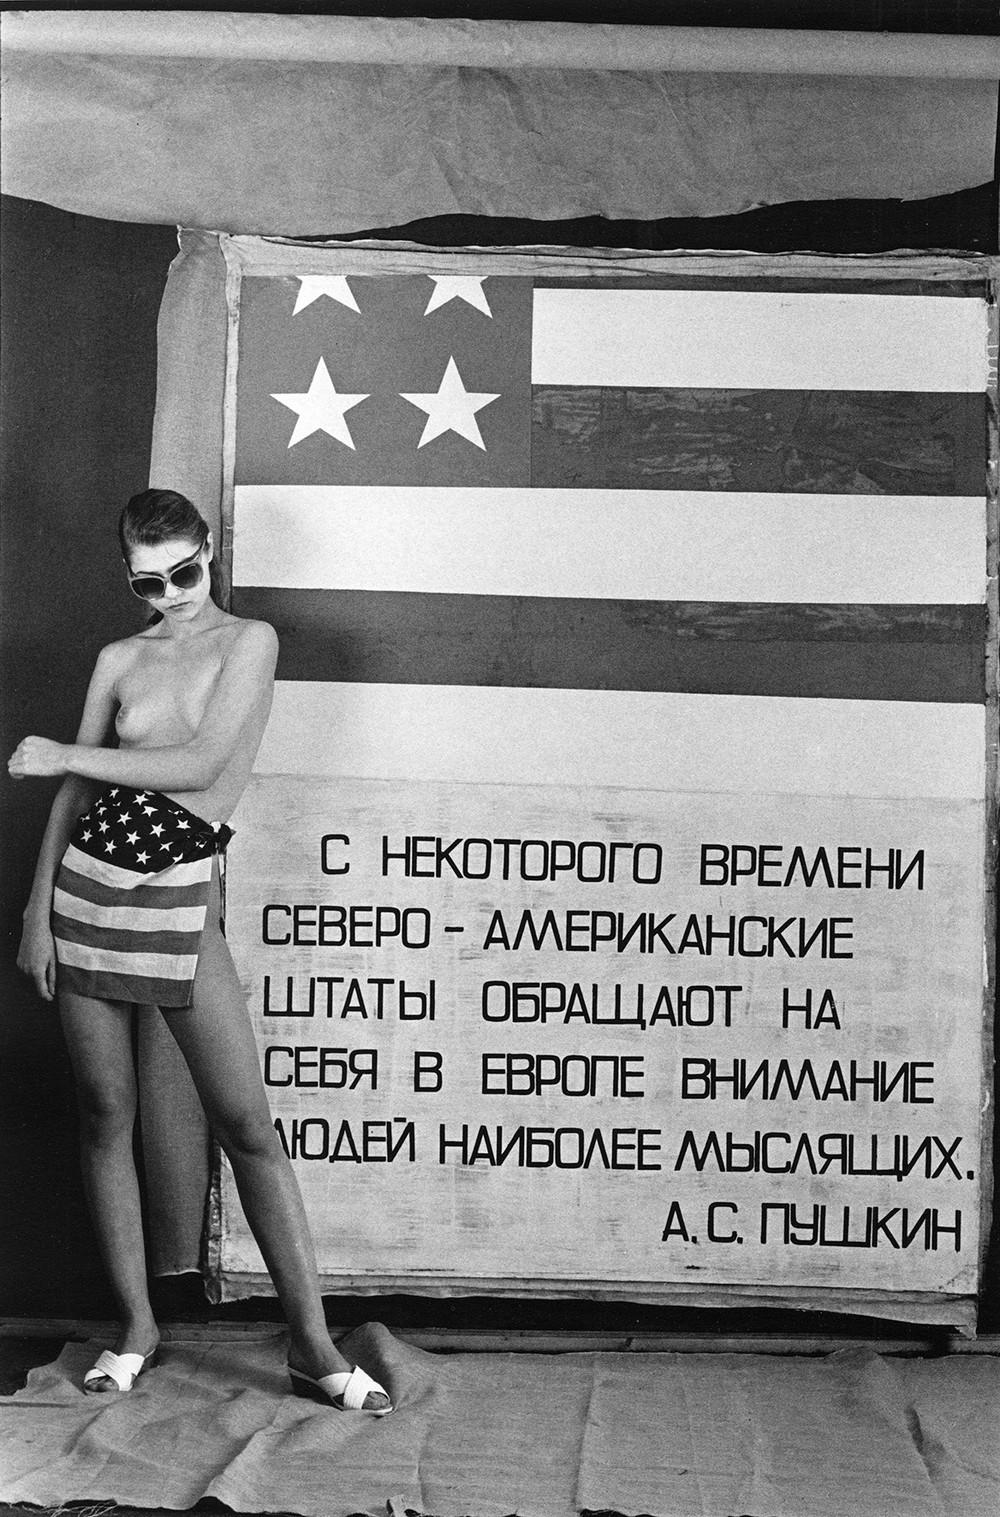 Идеологическое ню и символ перестройки на снимках Сергея Борисова